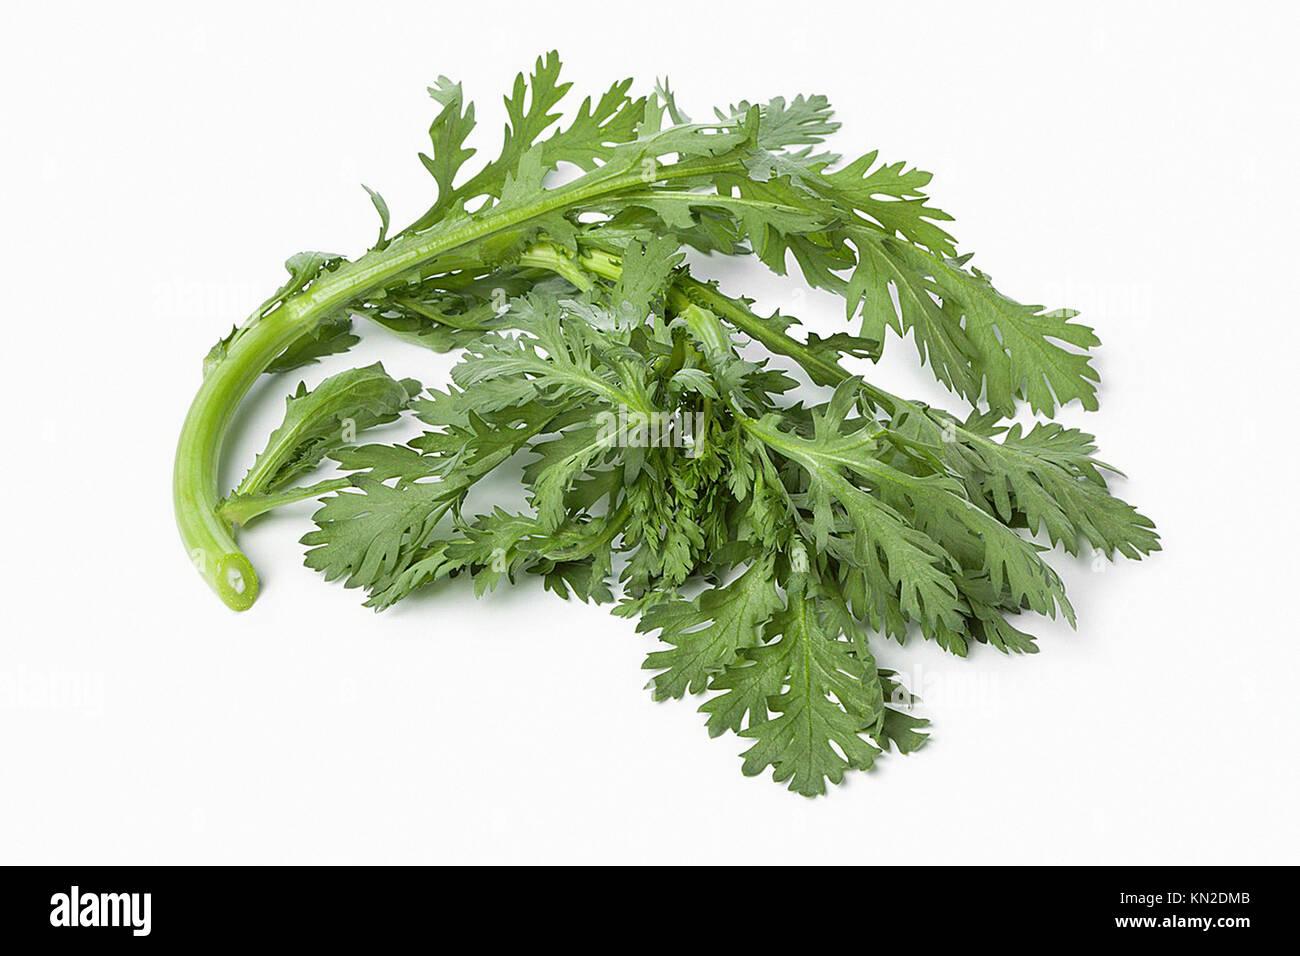 Twig of fresh green Shungiku on white background - Stock Image